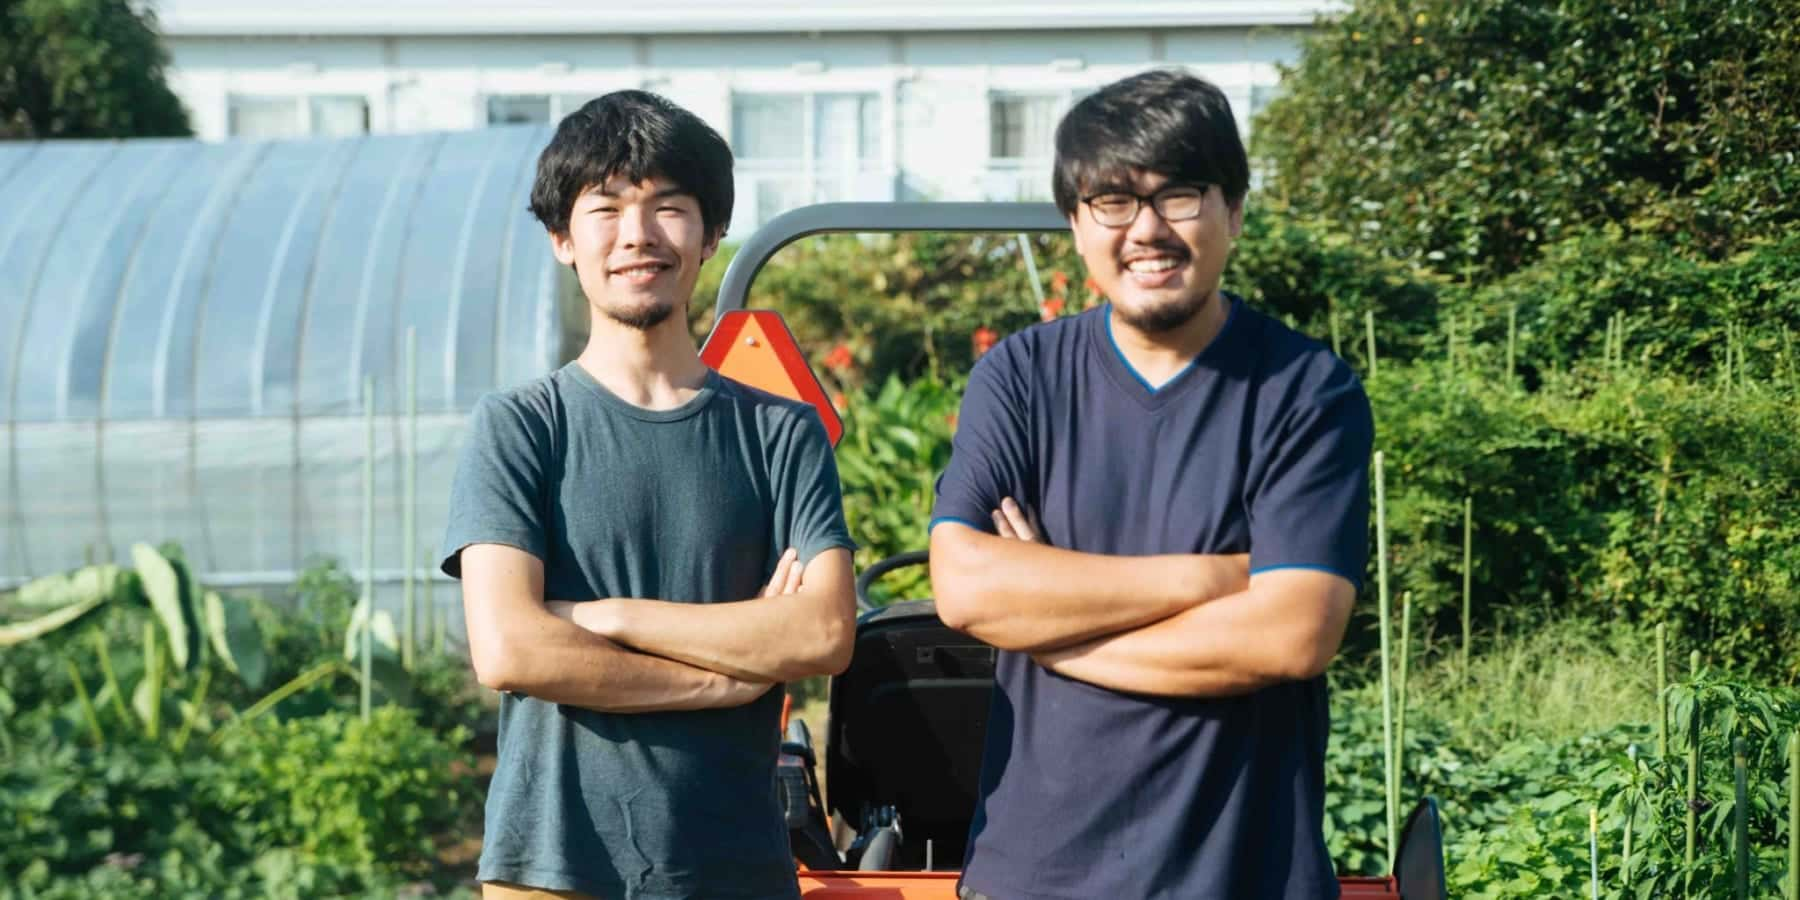 地域のつながりを取り戻す、日本発の公共コンポスト